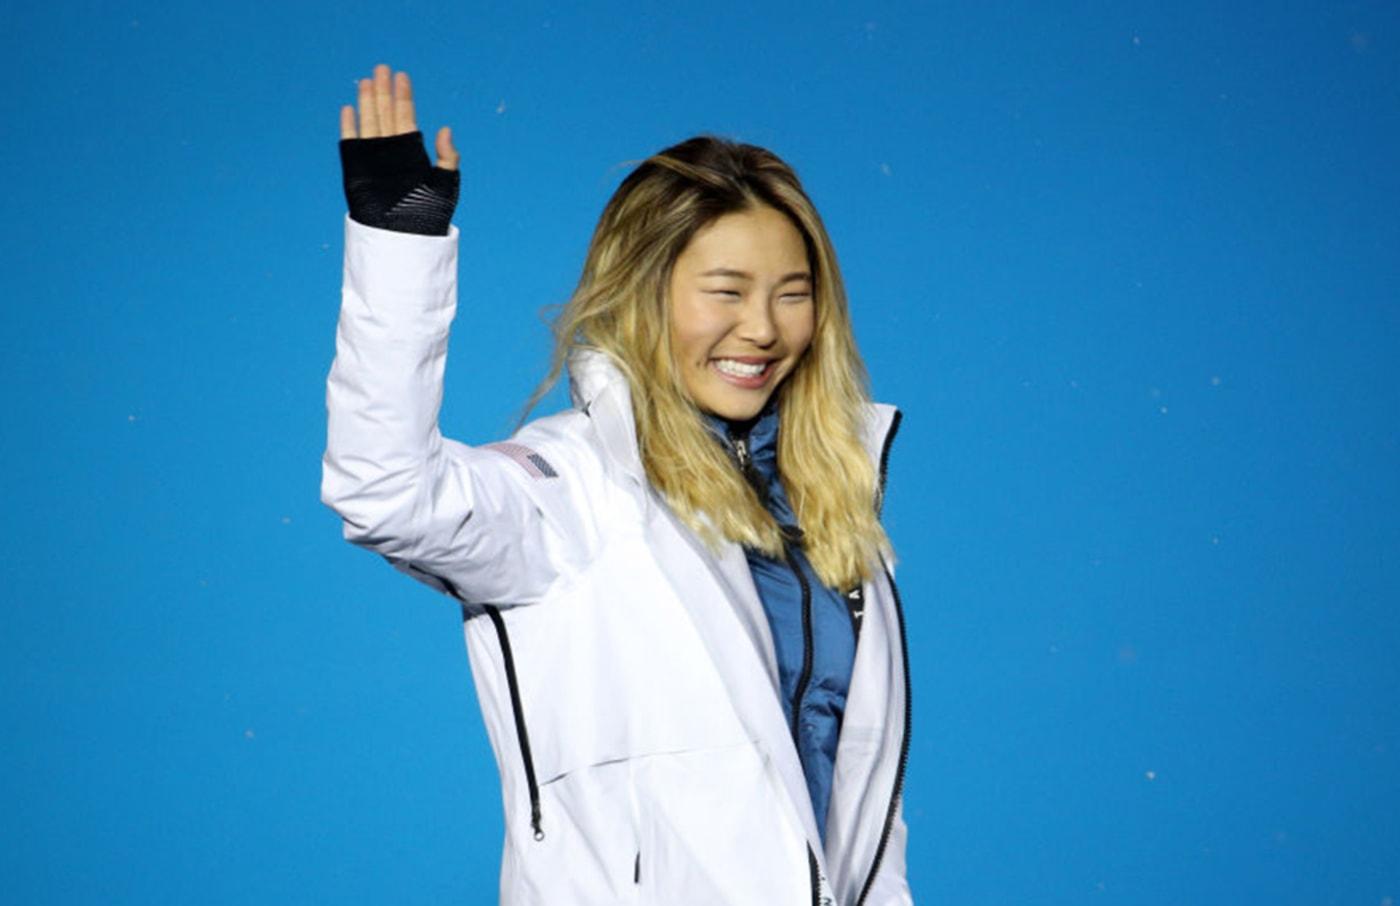 chloe kim medal ceremony migos getty